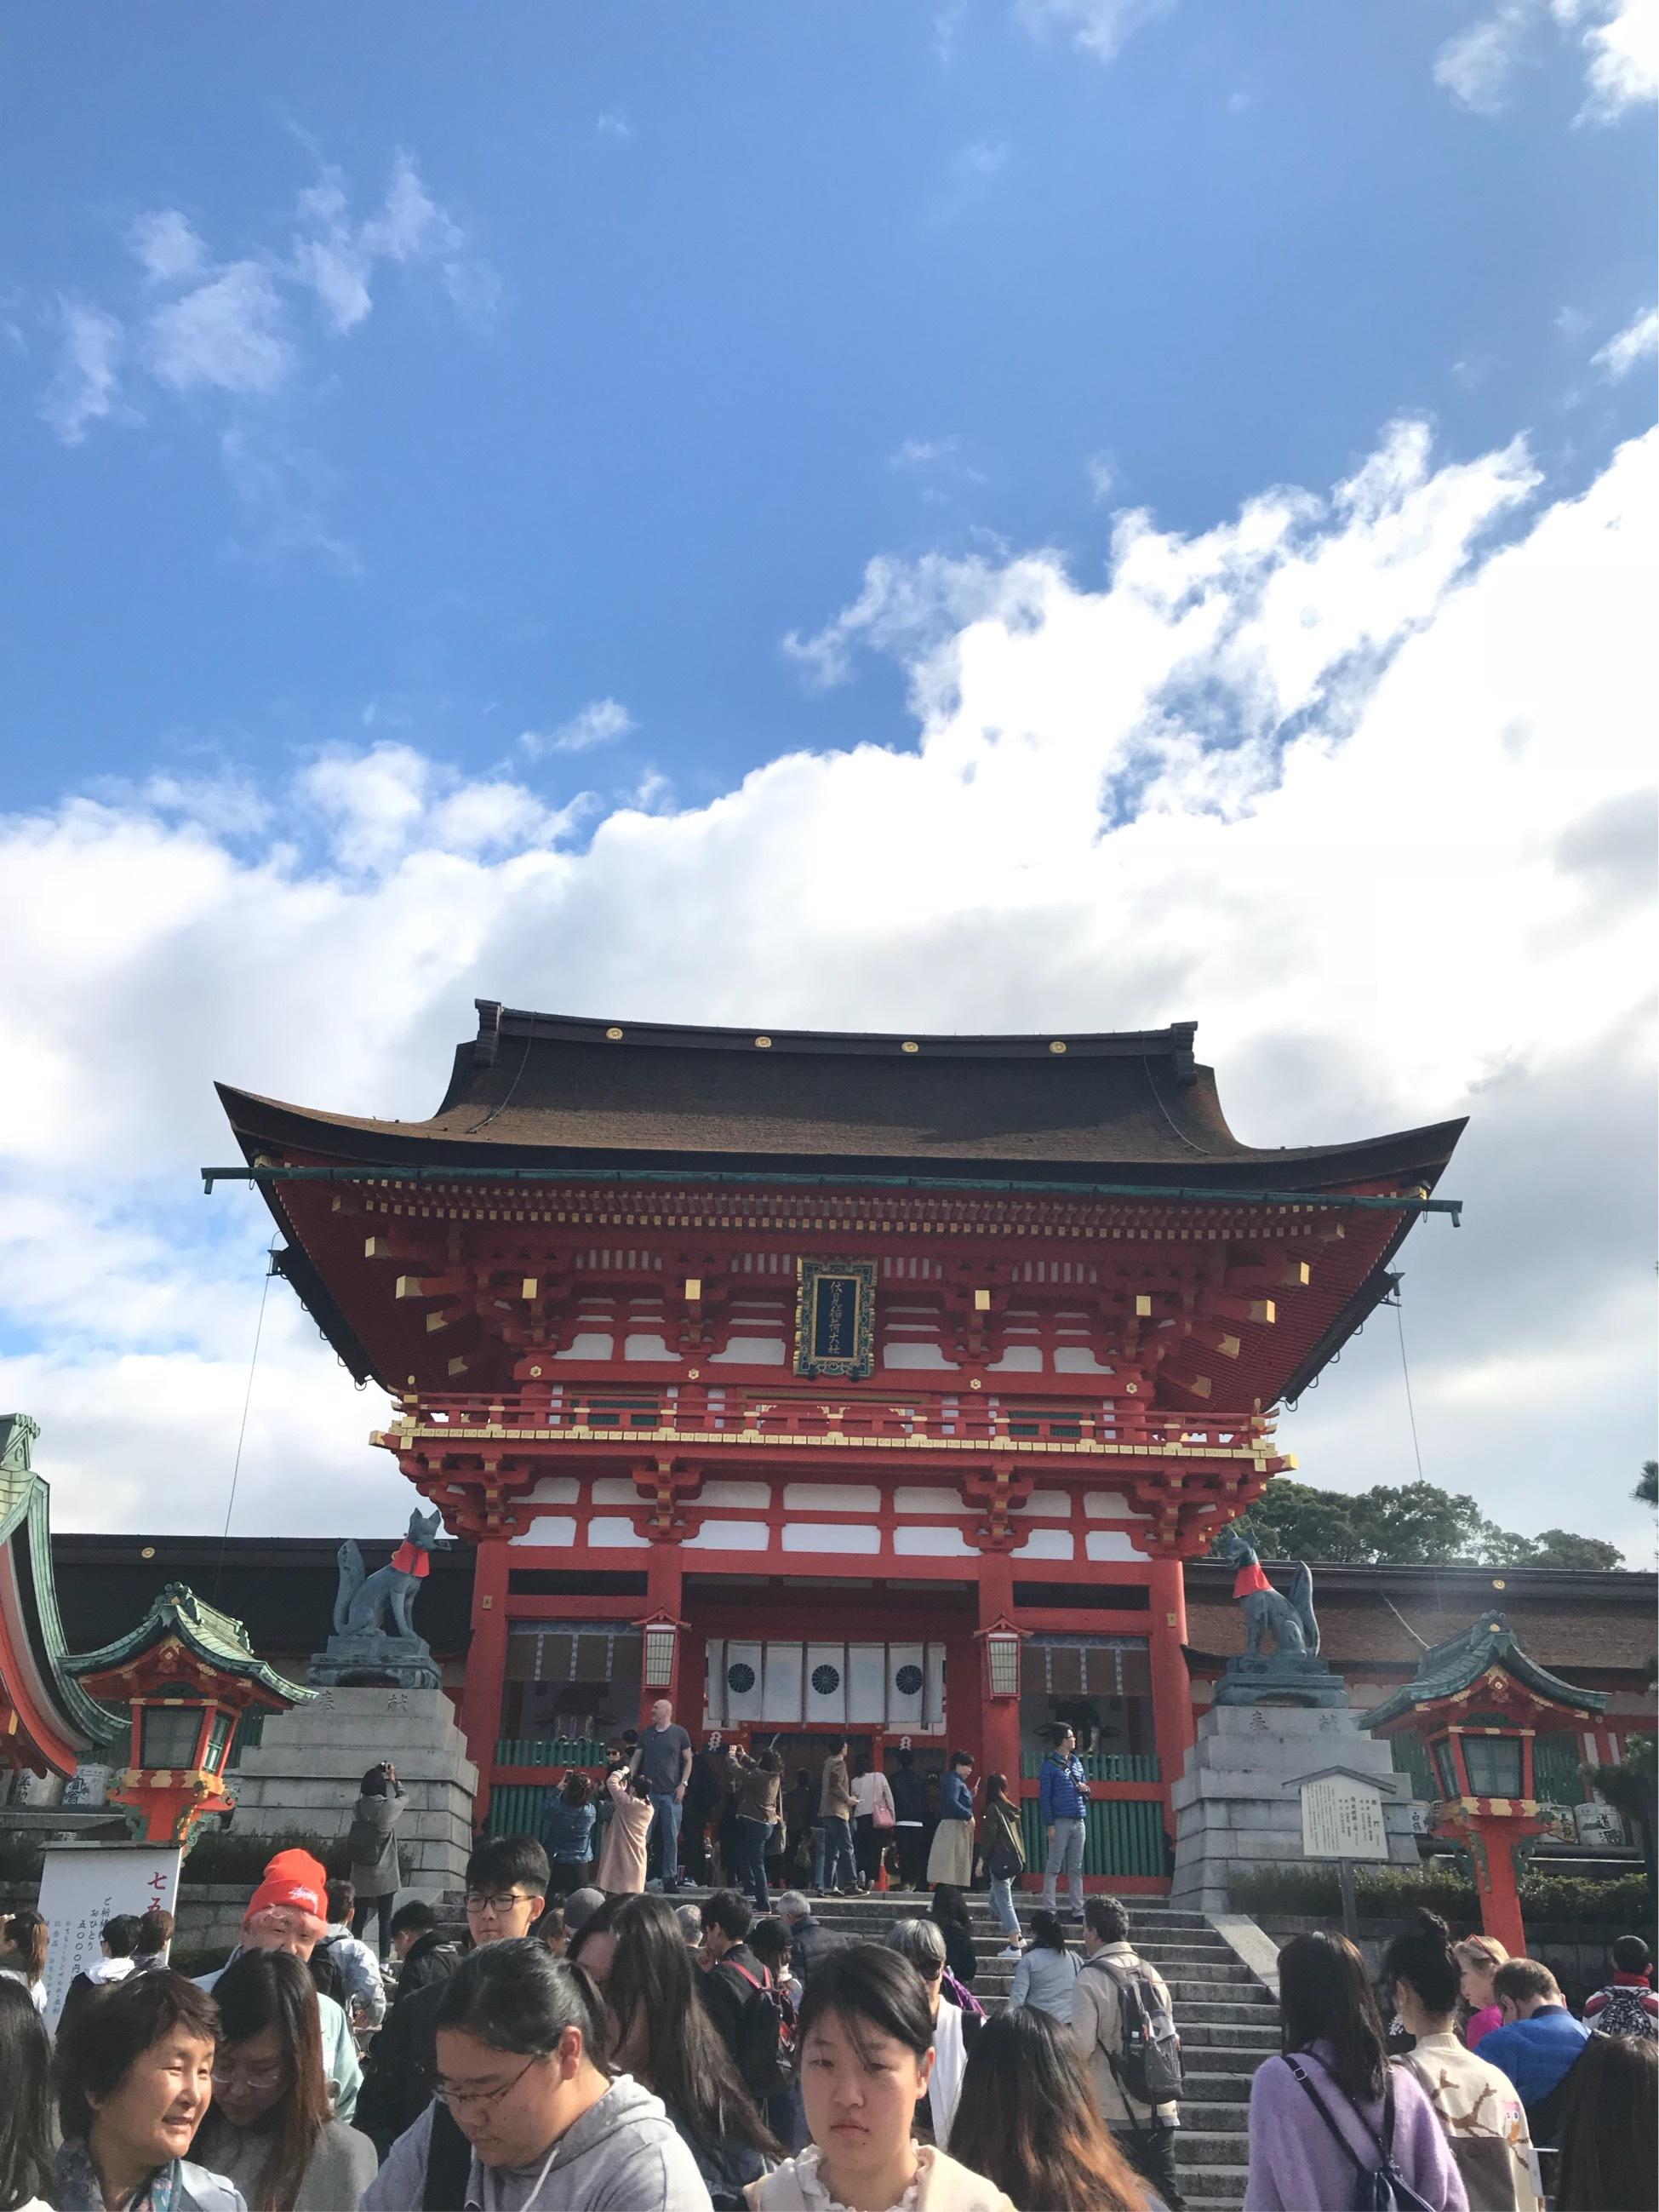 お気に入りのトレンチコートで京都へ♪_1_7-2